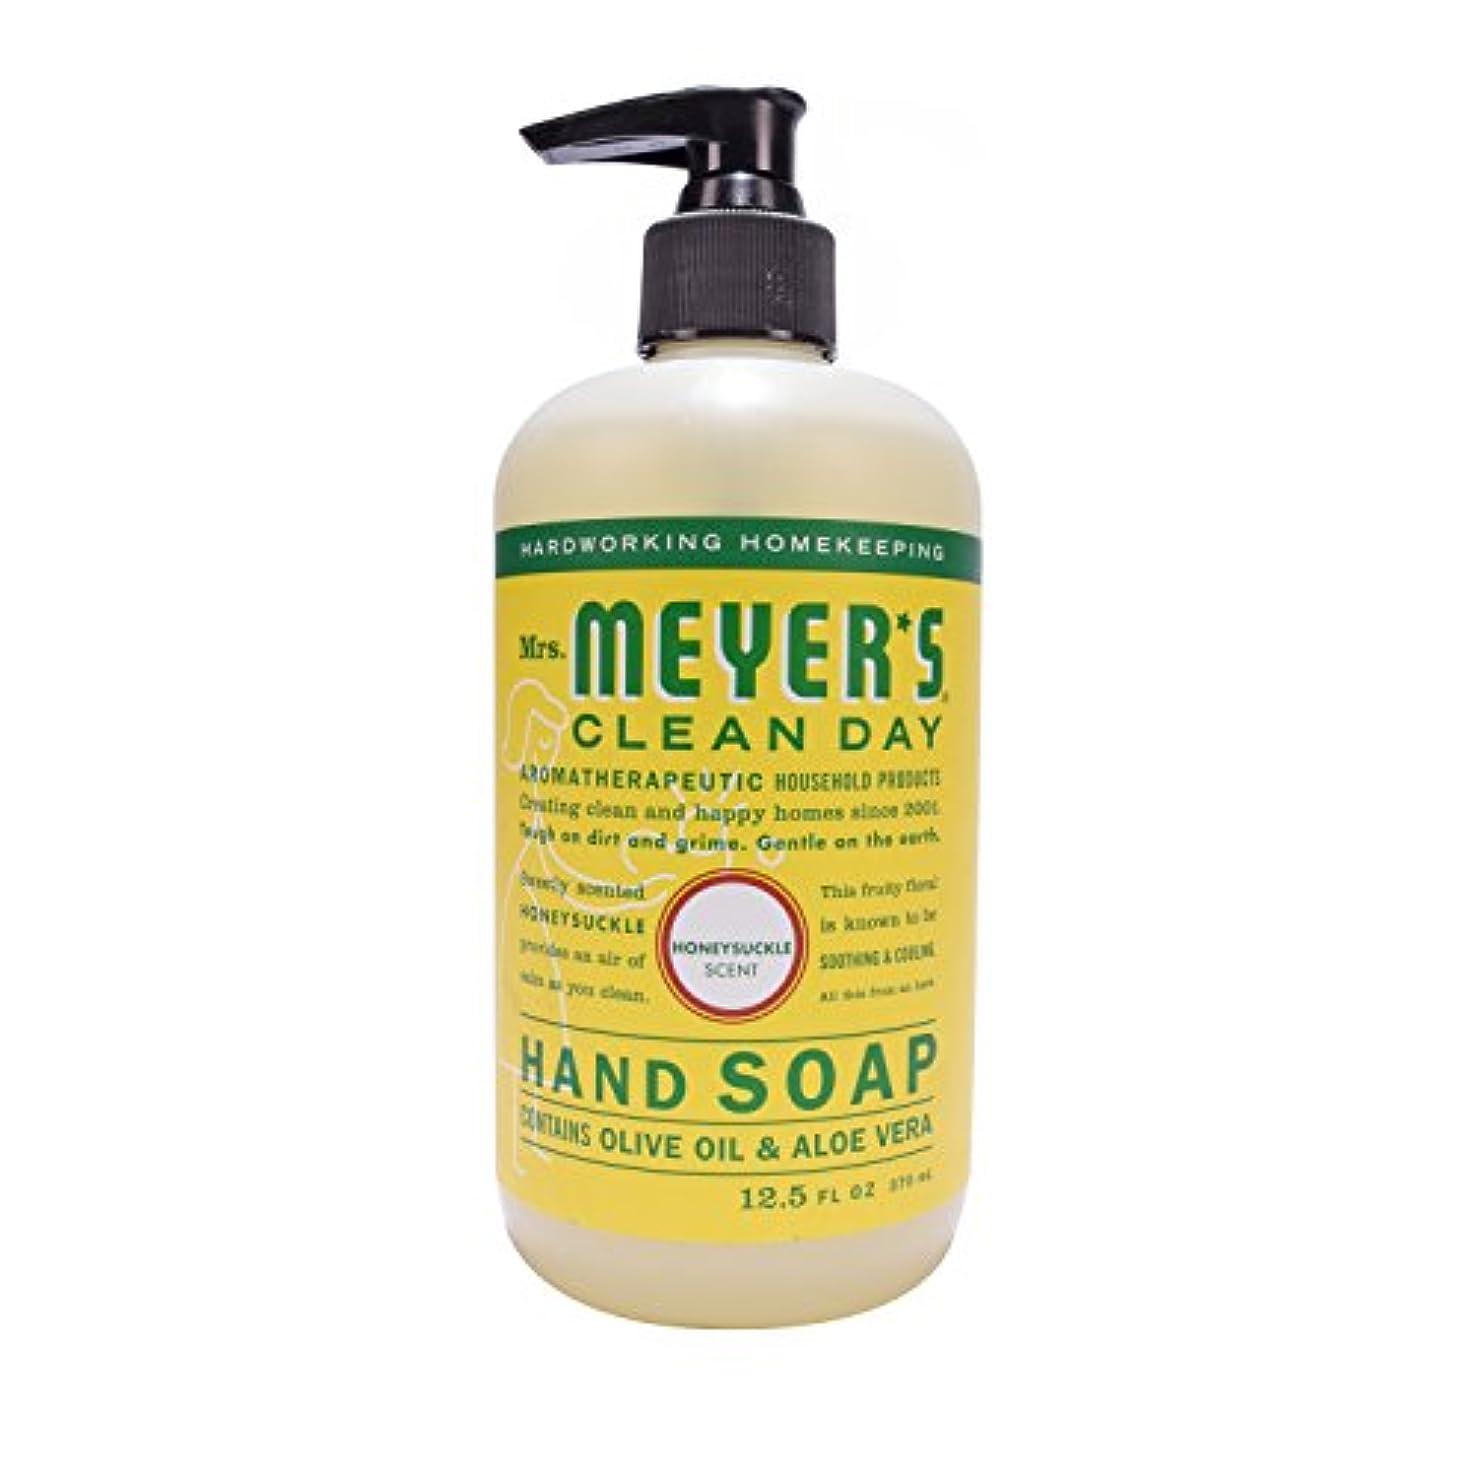 ライド反射トライアスリートMrs. Meyer's Clean Day Hand Soap Liquid, Honeysuckle, 12.5-Fluid Ounce Bottles by Mrs. Meyer's Clean Day